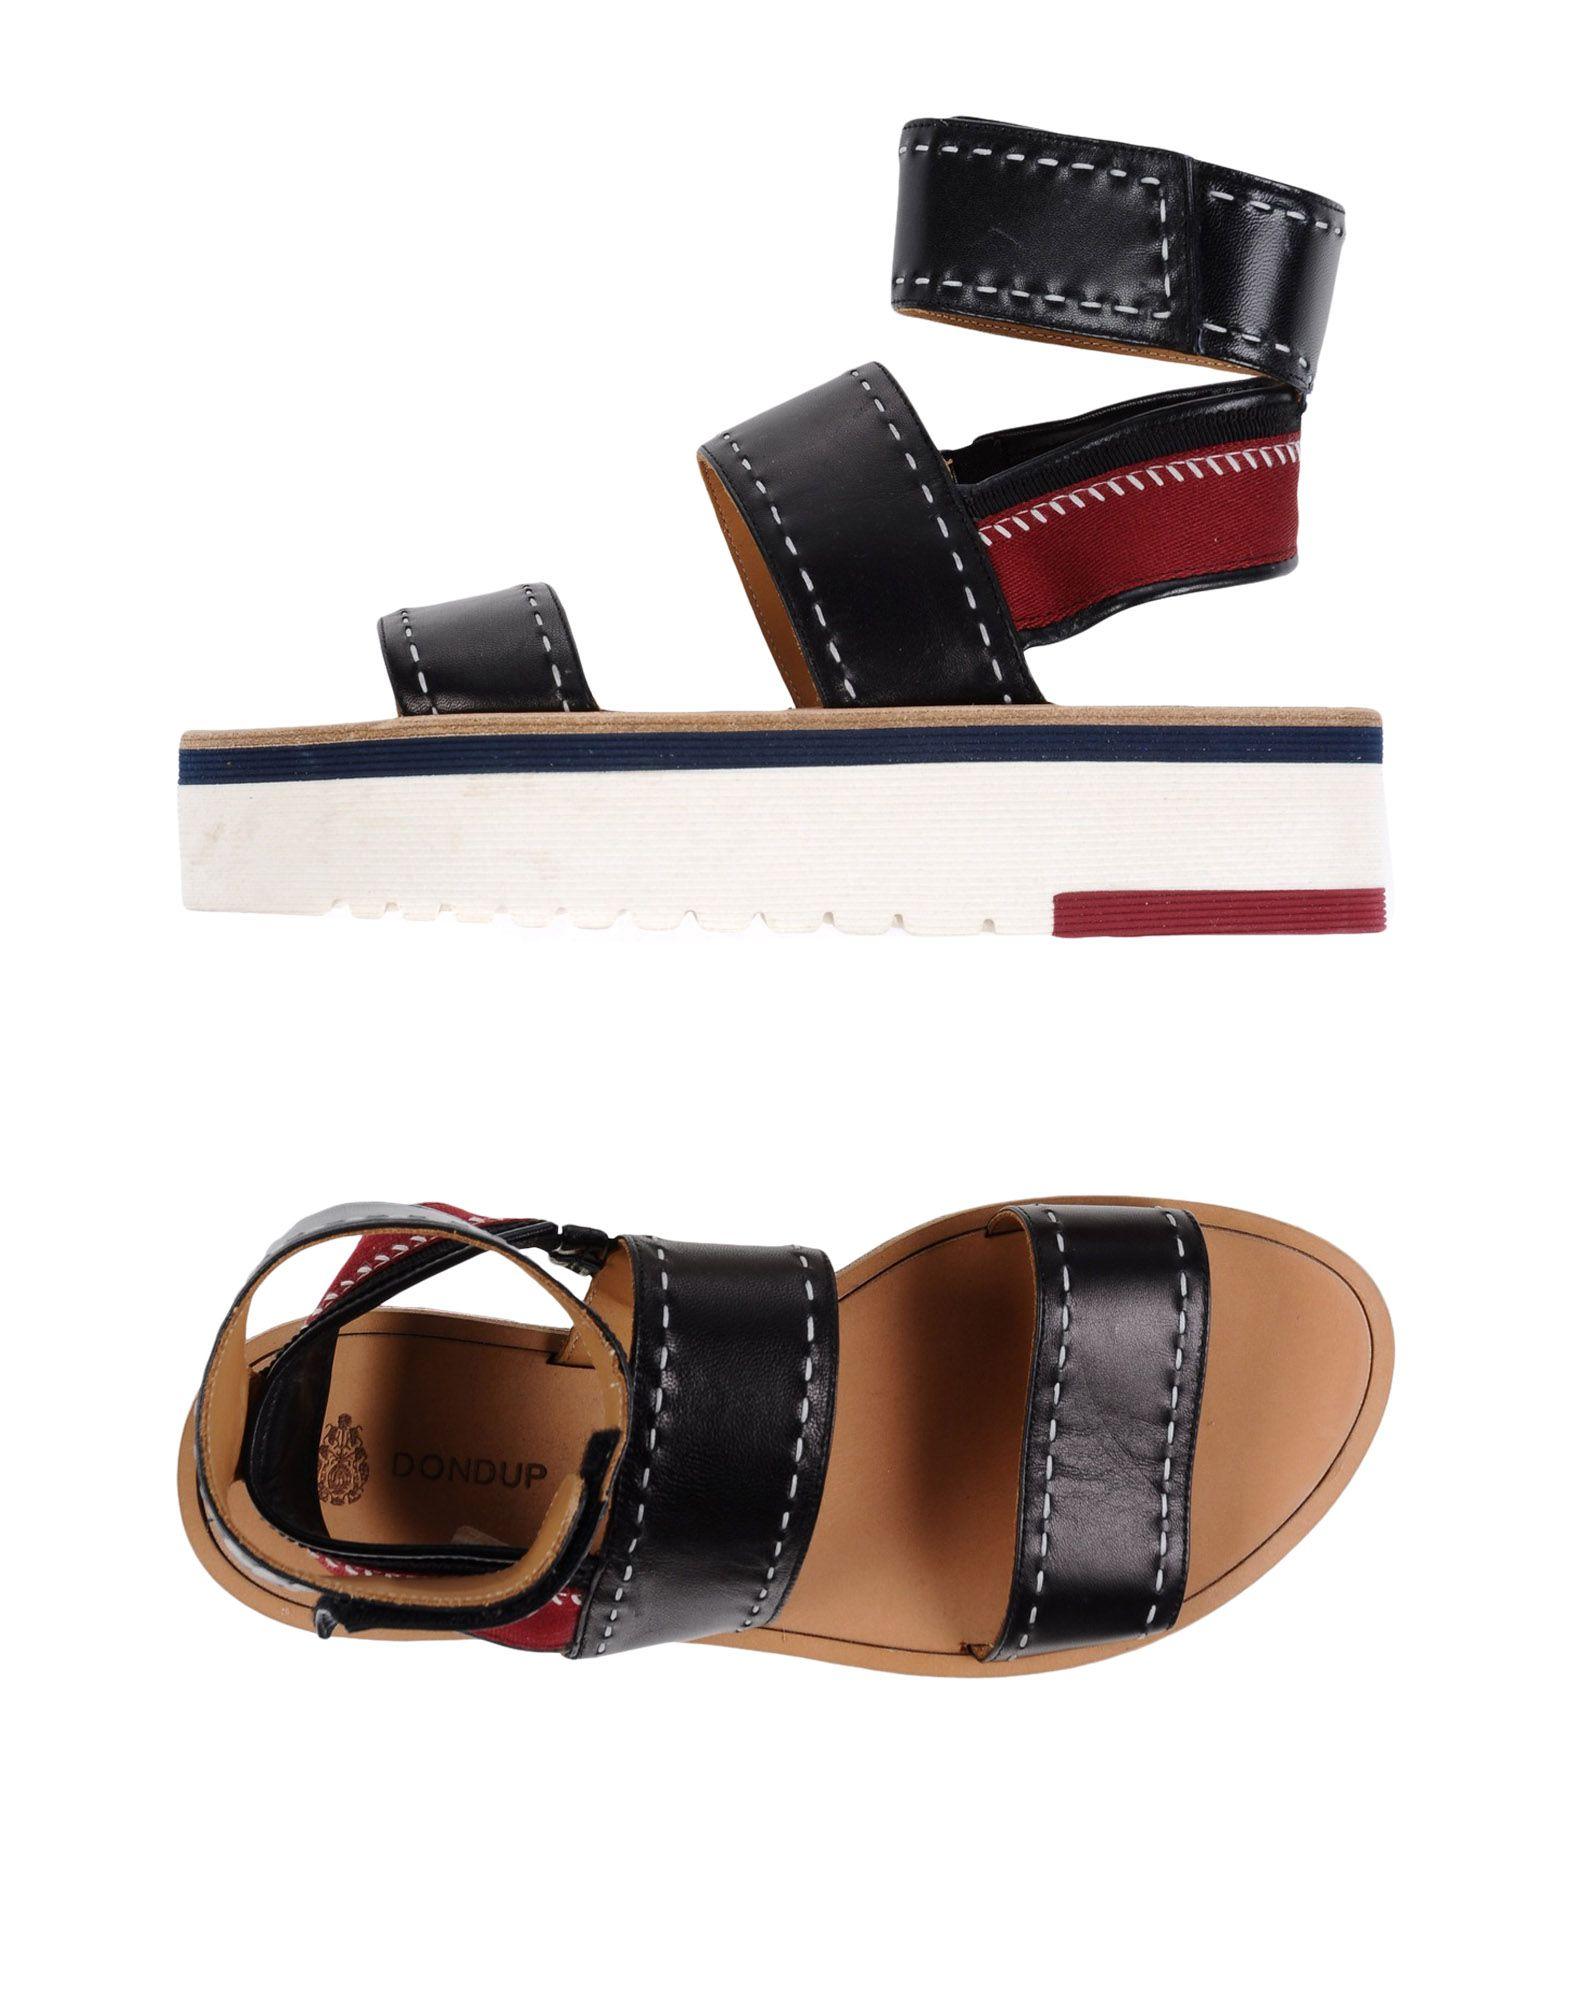 Moda Sandali Sandali Moda Dondup Donna - 11137786SH 2f85b3